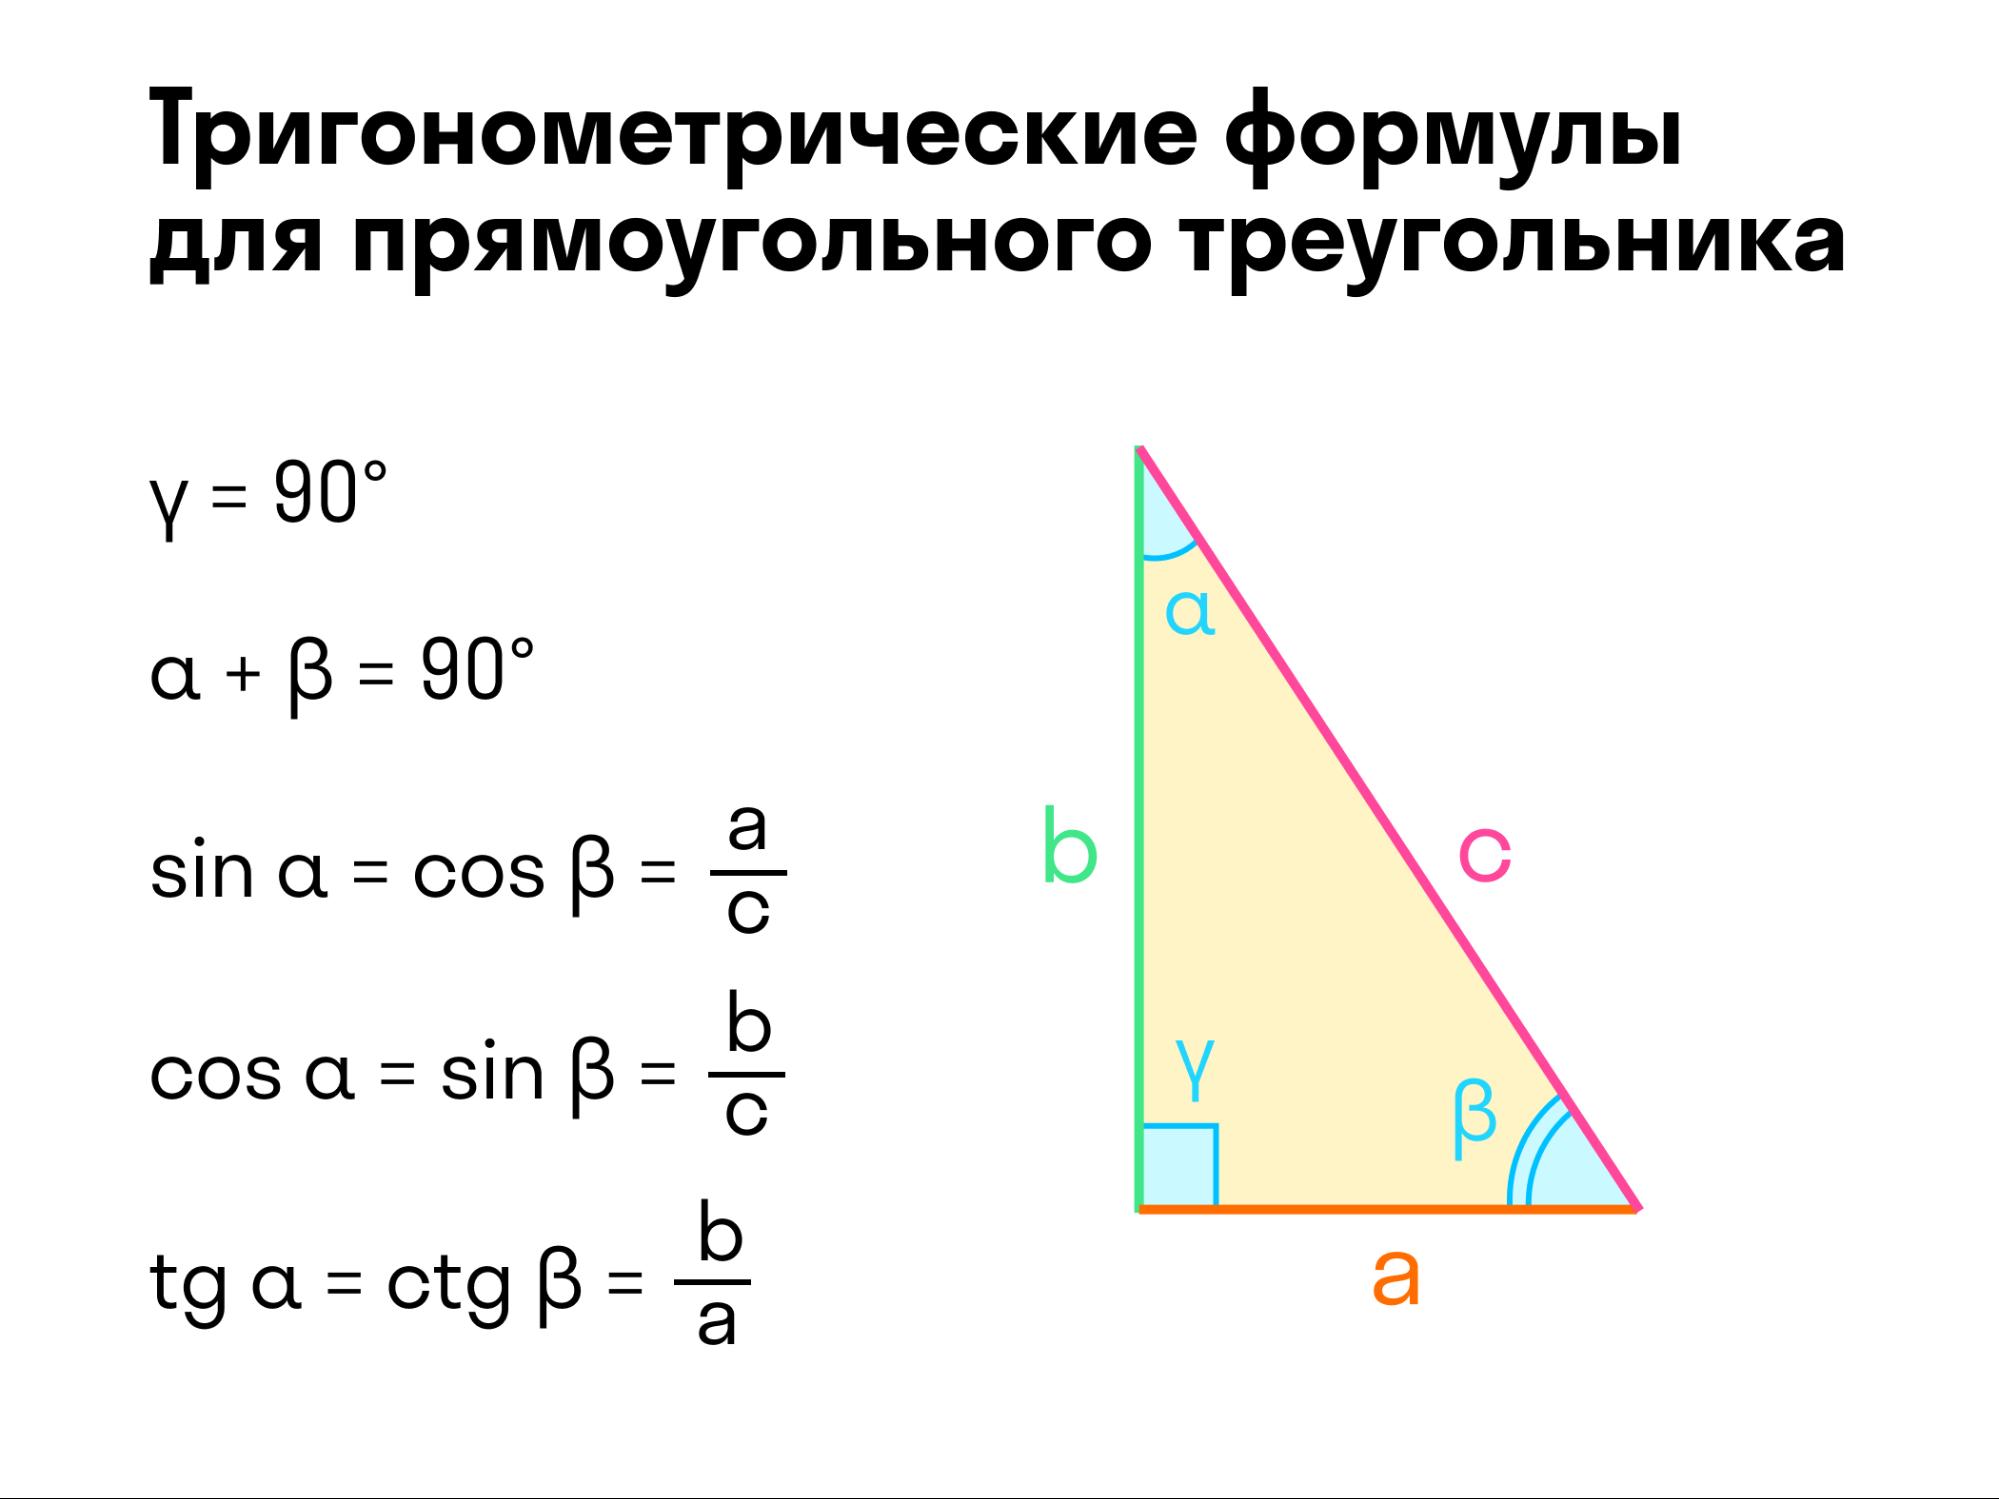 тригонометрическая формула